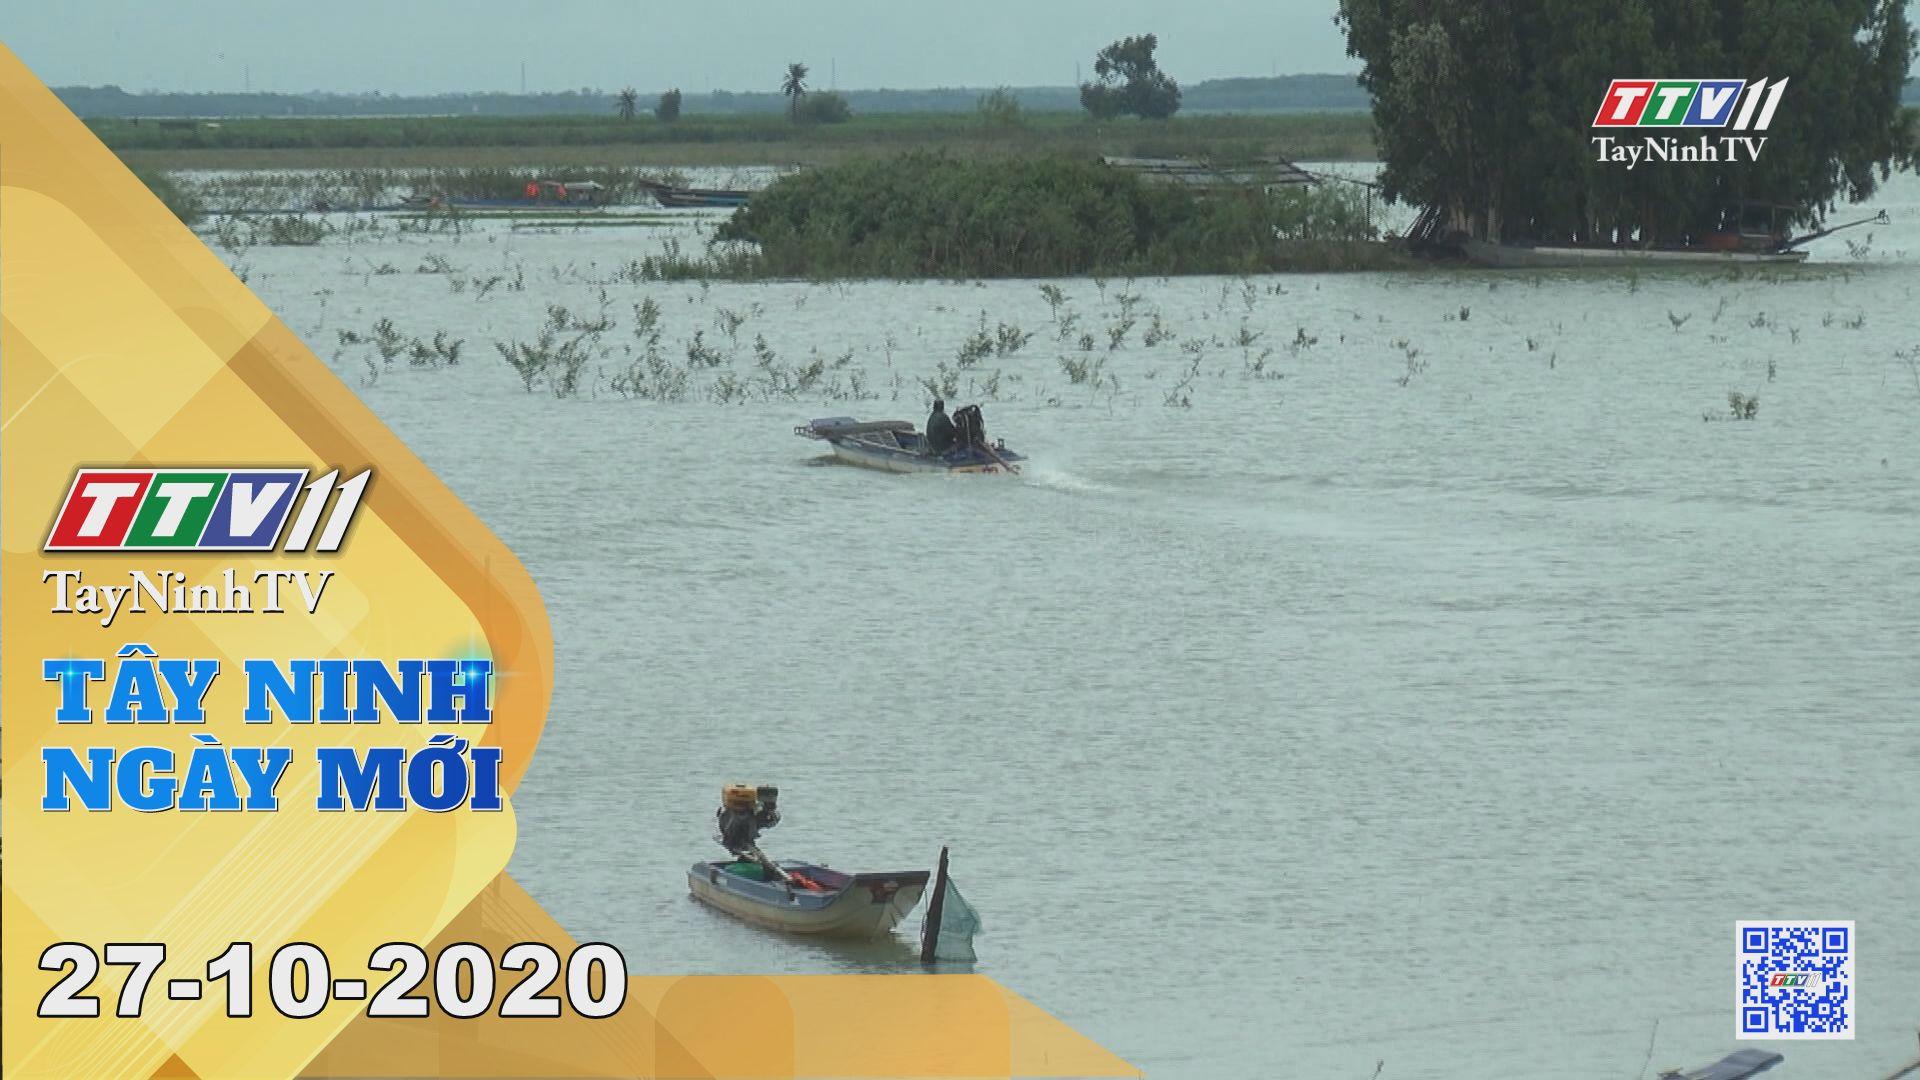 Tây Ninh Ngày Mới 27-10-2020 | Tin tức hôm nay | TayNinhTV